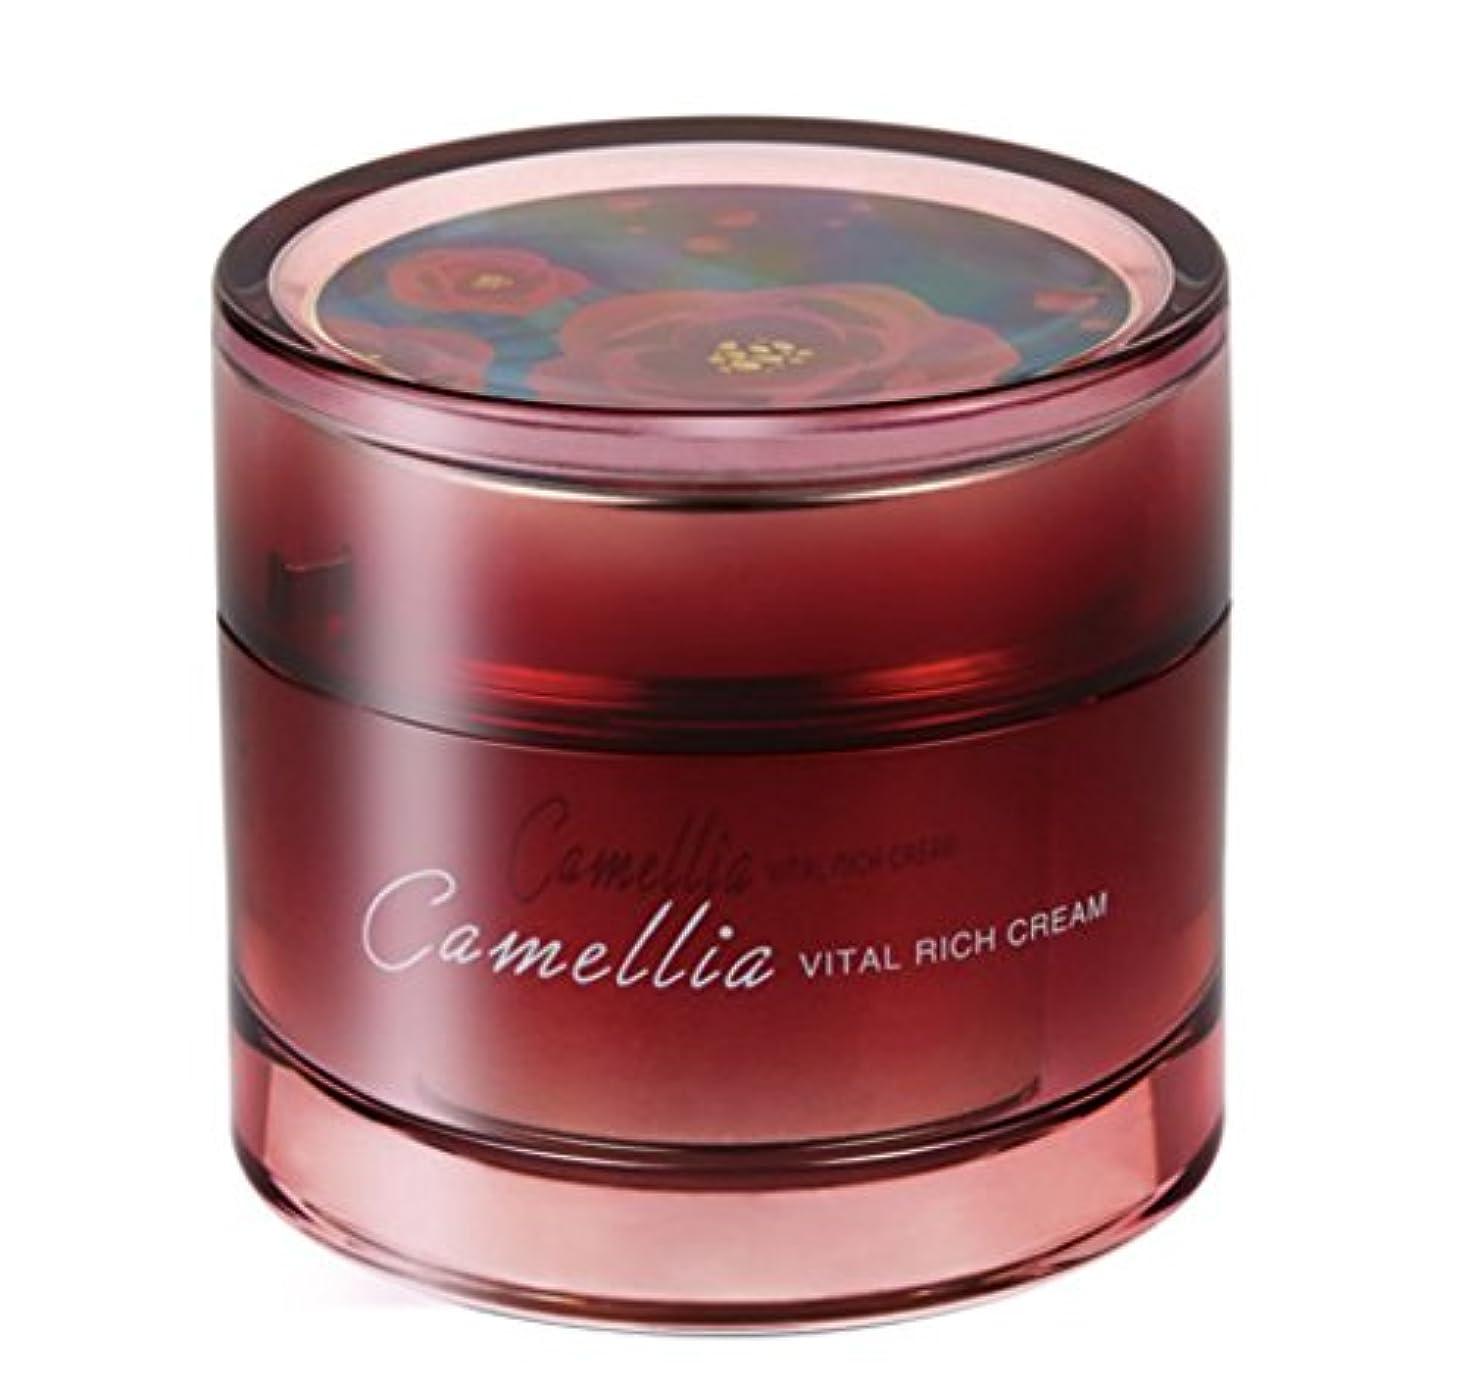 書士ひそかにメタリックJeju Indi Camellia Vital Rich Cream 50g/Eco-Friendly Jeju Island Cosmetic/Korea Cosmetics [並行輸入品]